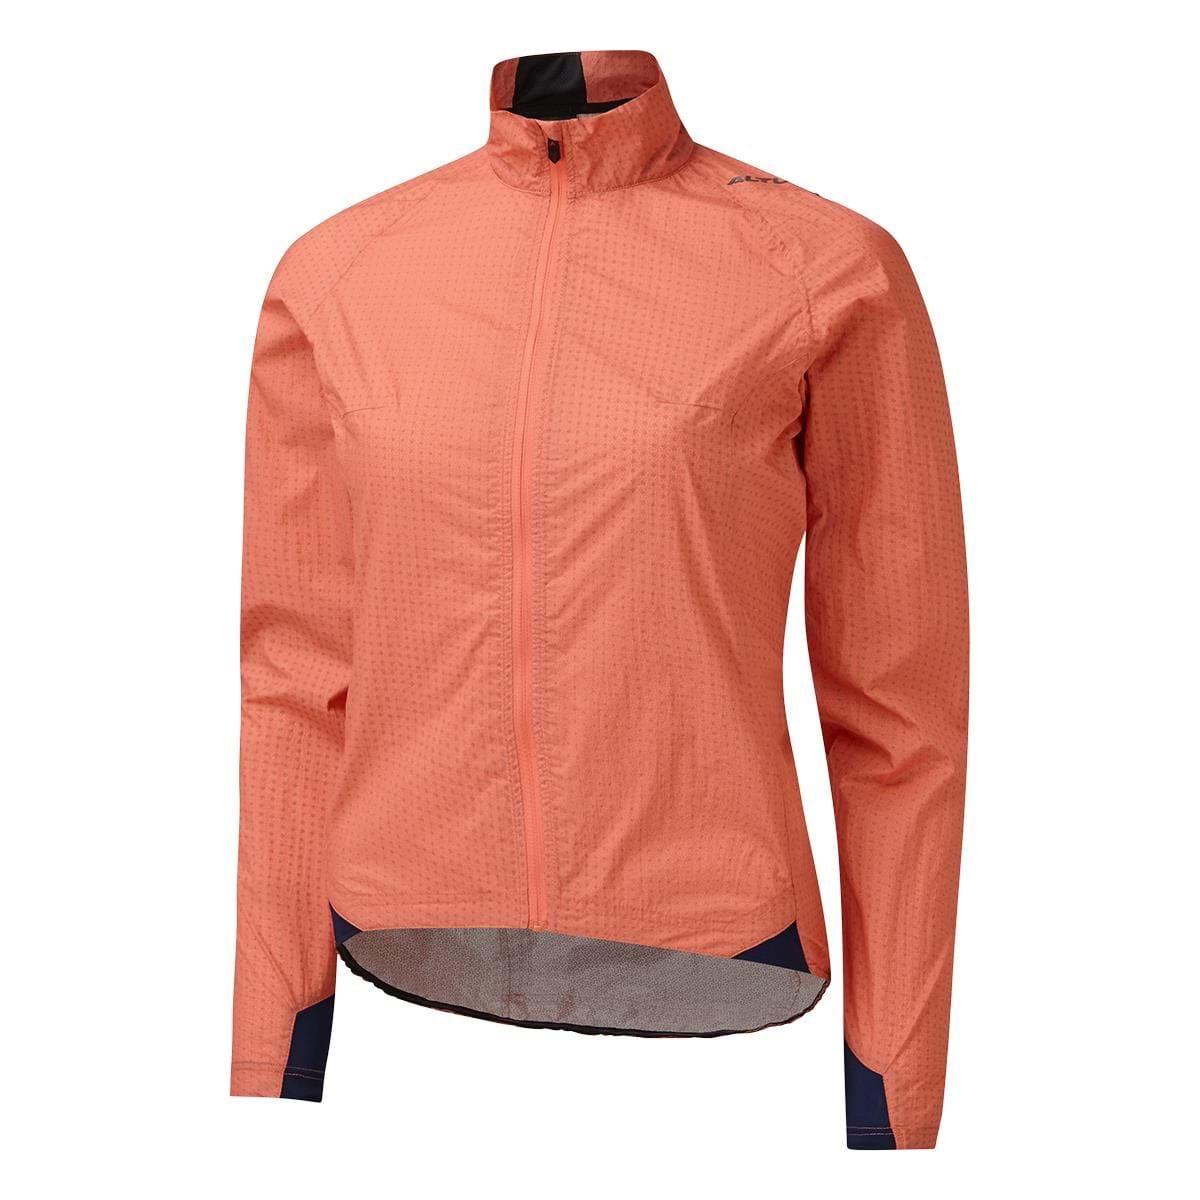 Firestorm Women's Waterproof Jacket